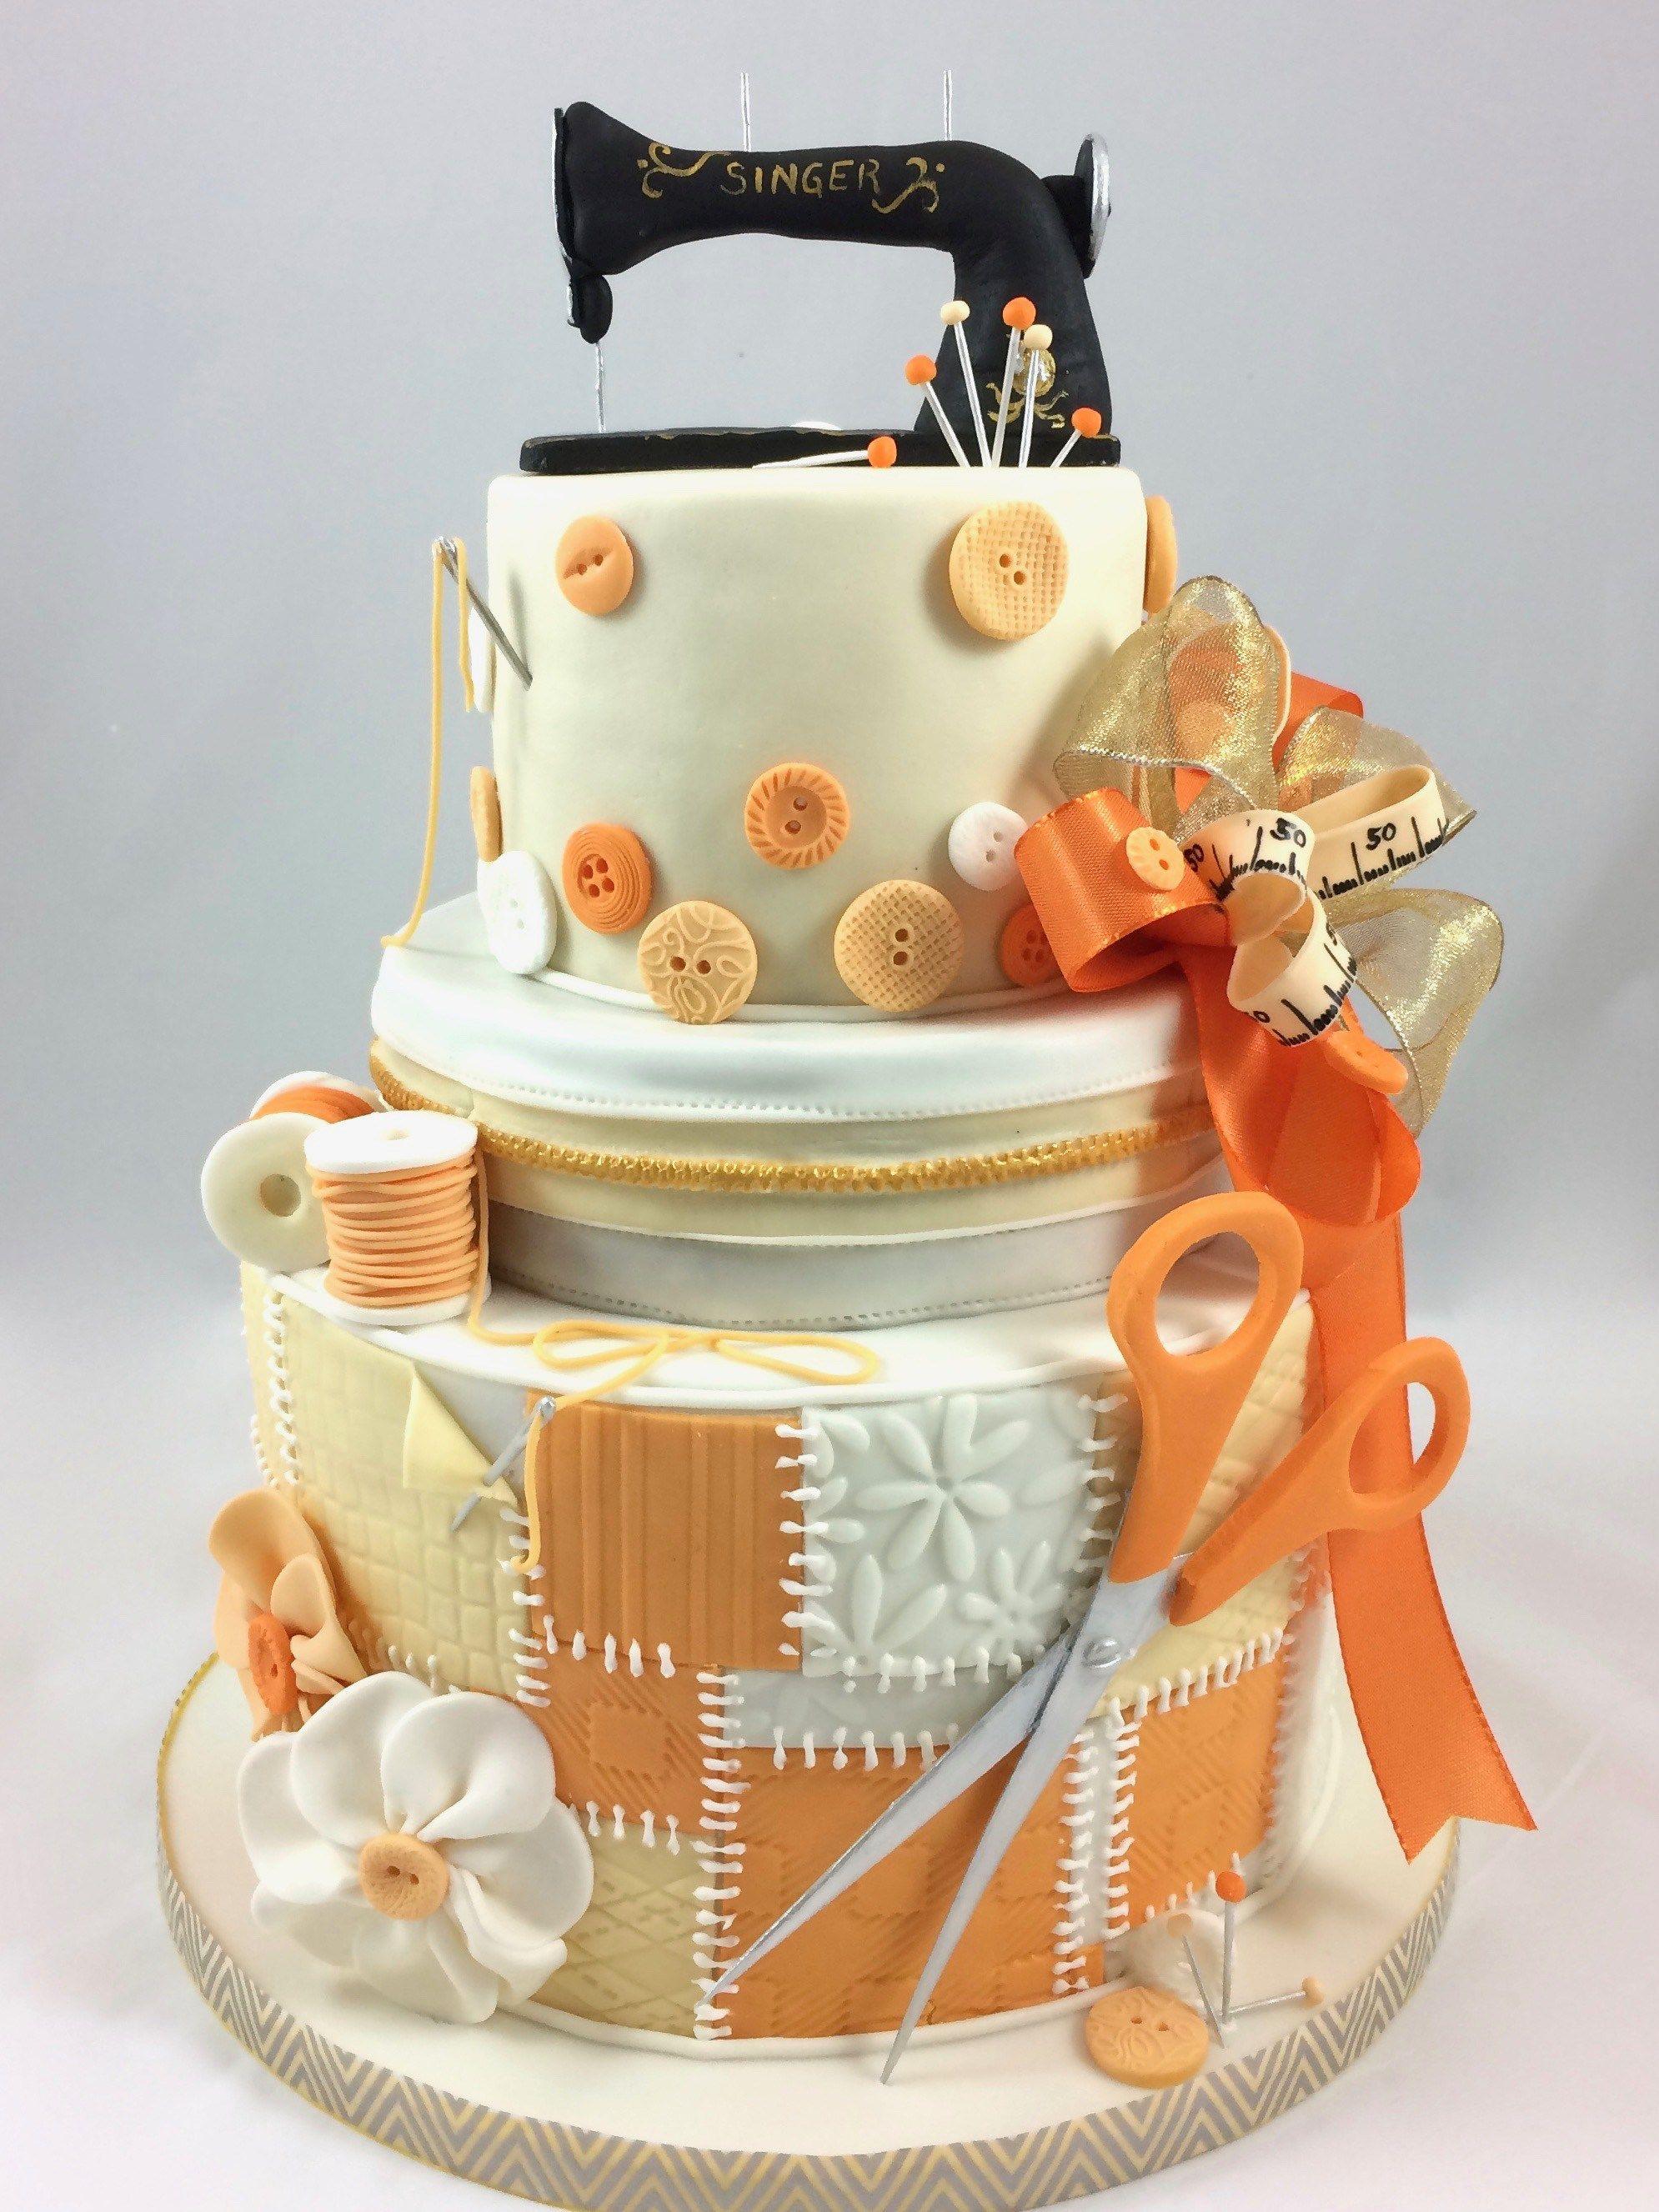 sewing machine n hen n hmaschine torte schere kn pfe orange cake singer motivtorten figuren. Black Bedroom Furniture Sets. Home Design Ideas